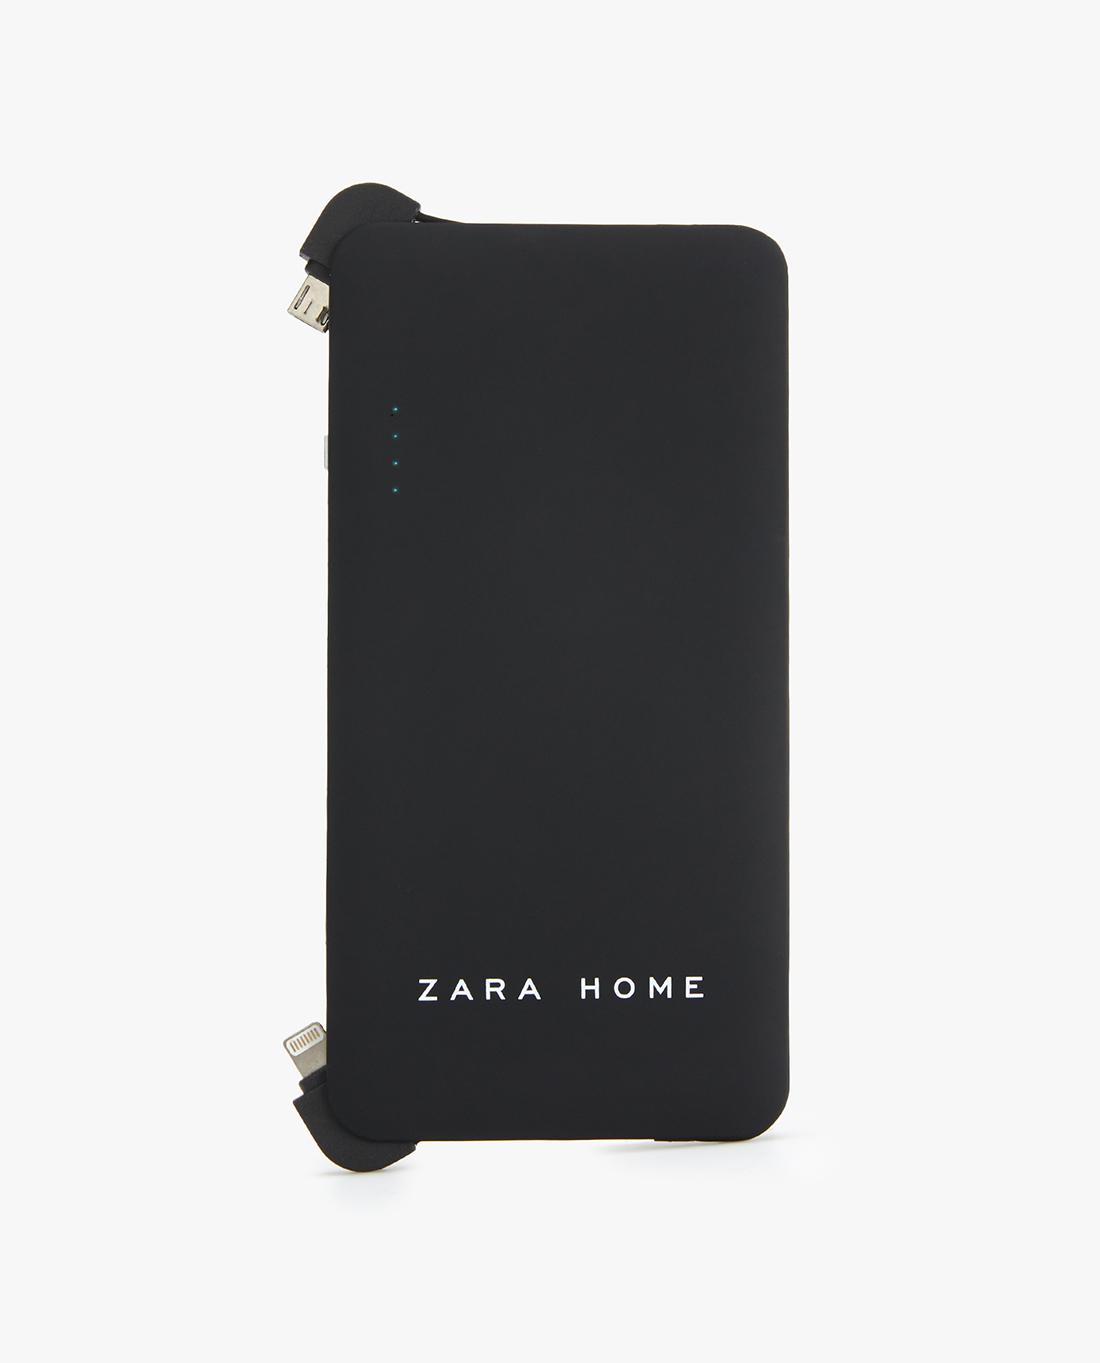 Zara-Home-Accesorios-Tech (13)